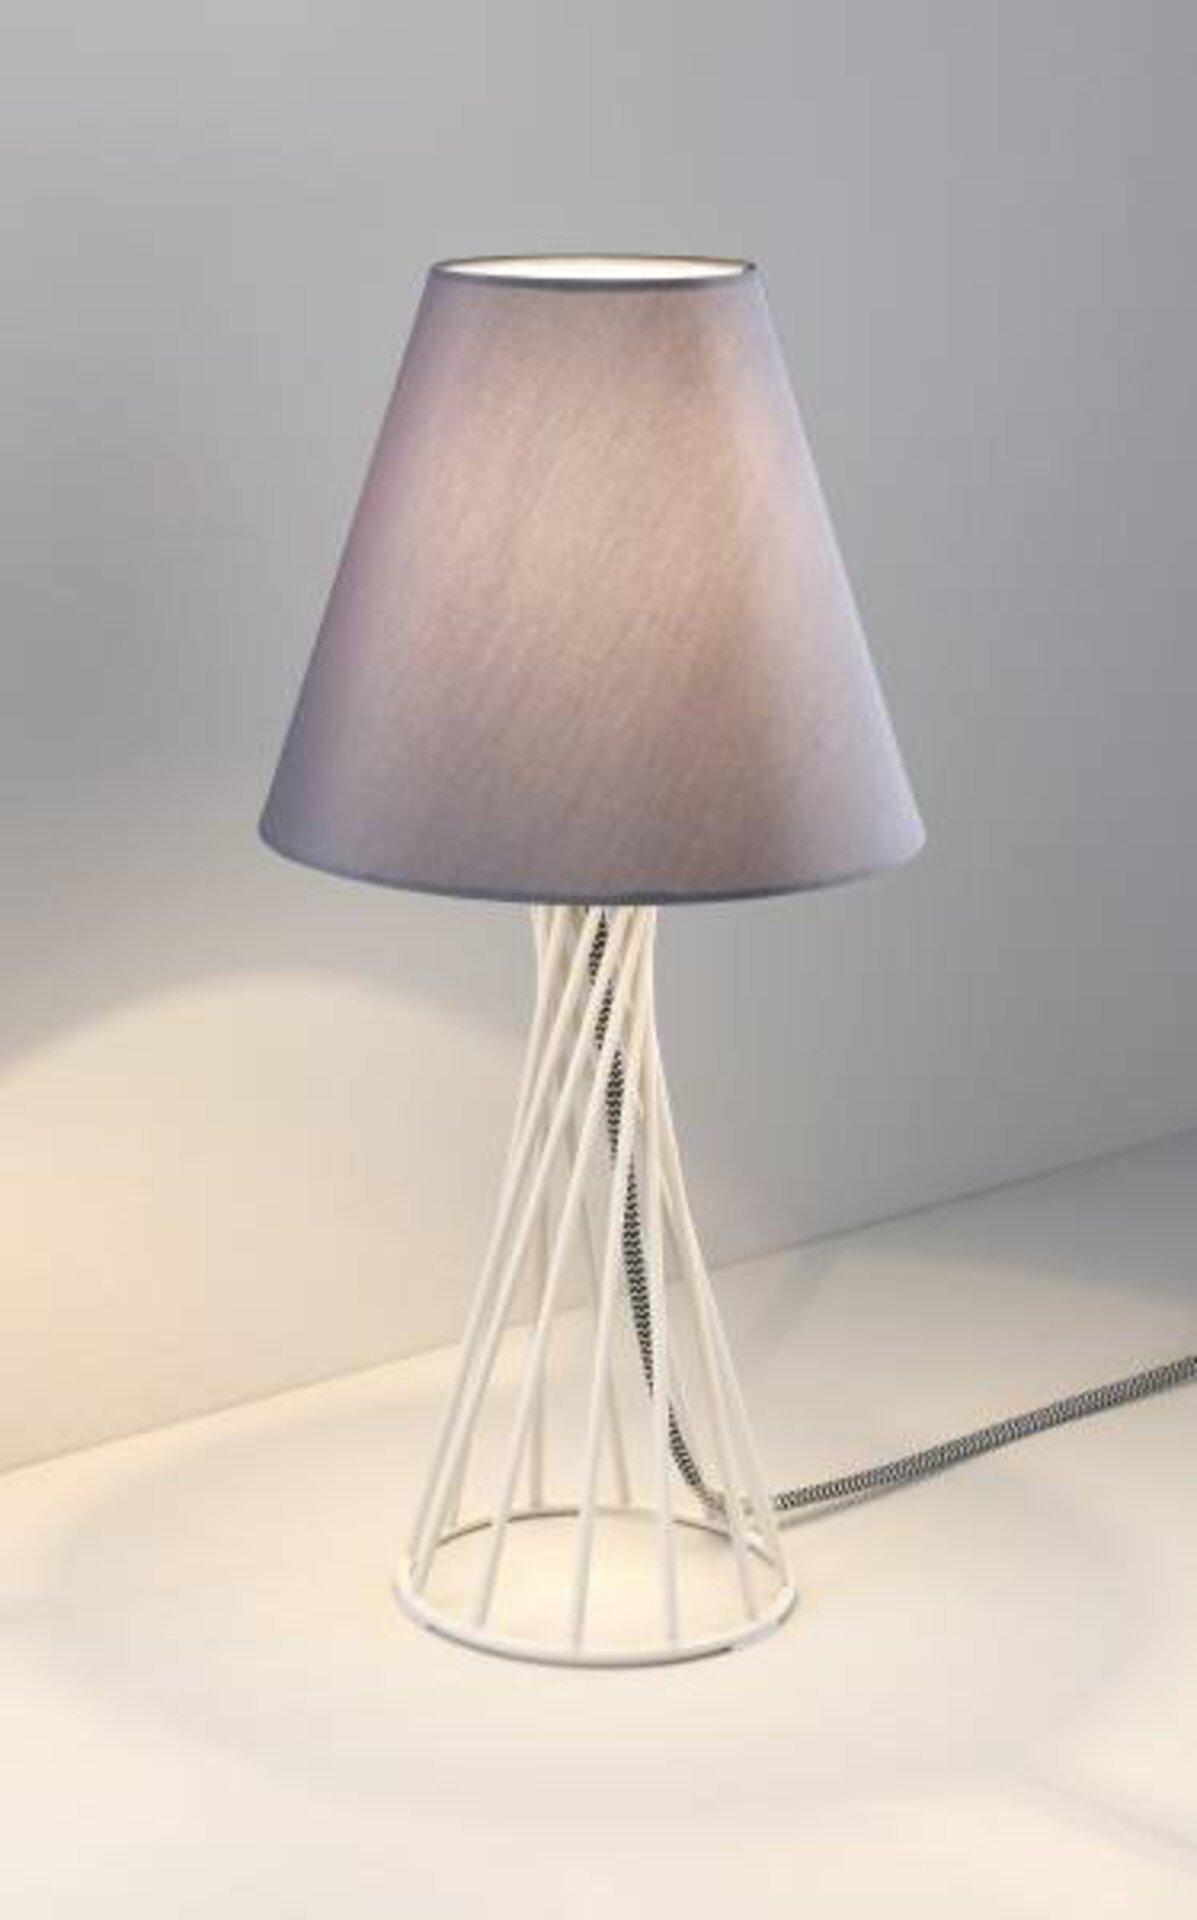 Tischleuchte Fardo Casa Nova Metall mehrfarbig 20 x 40 x 20 cm